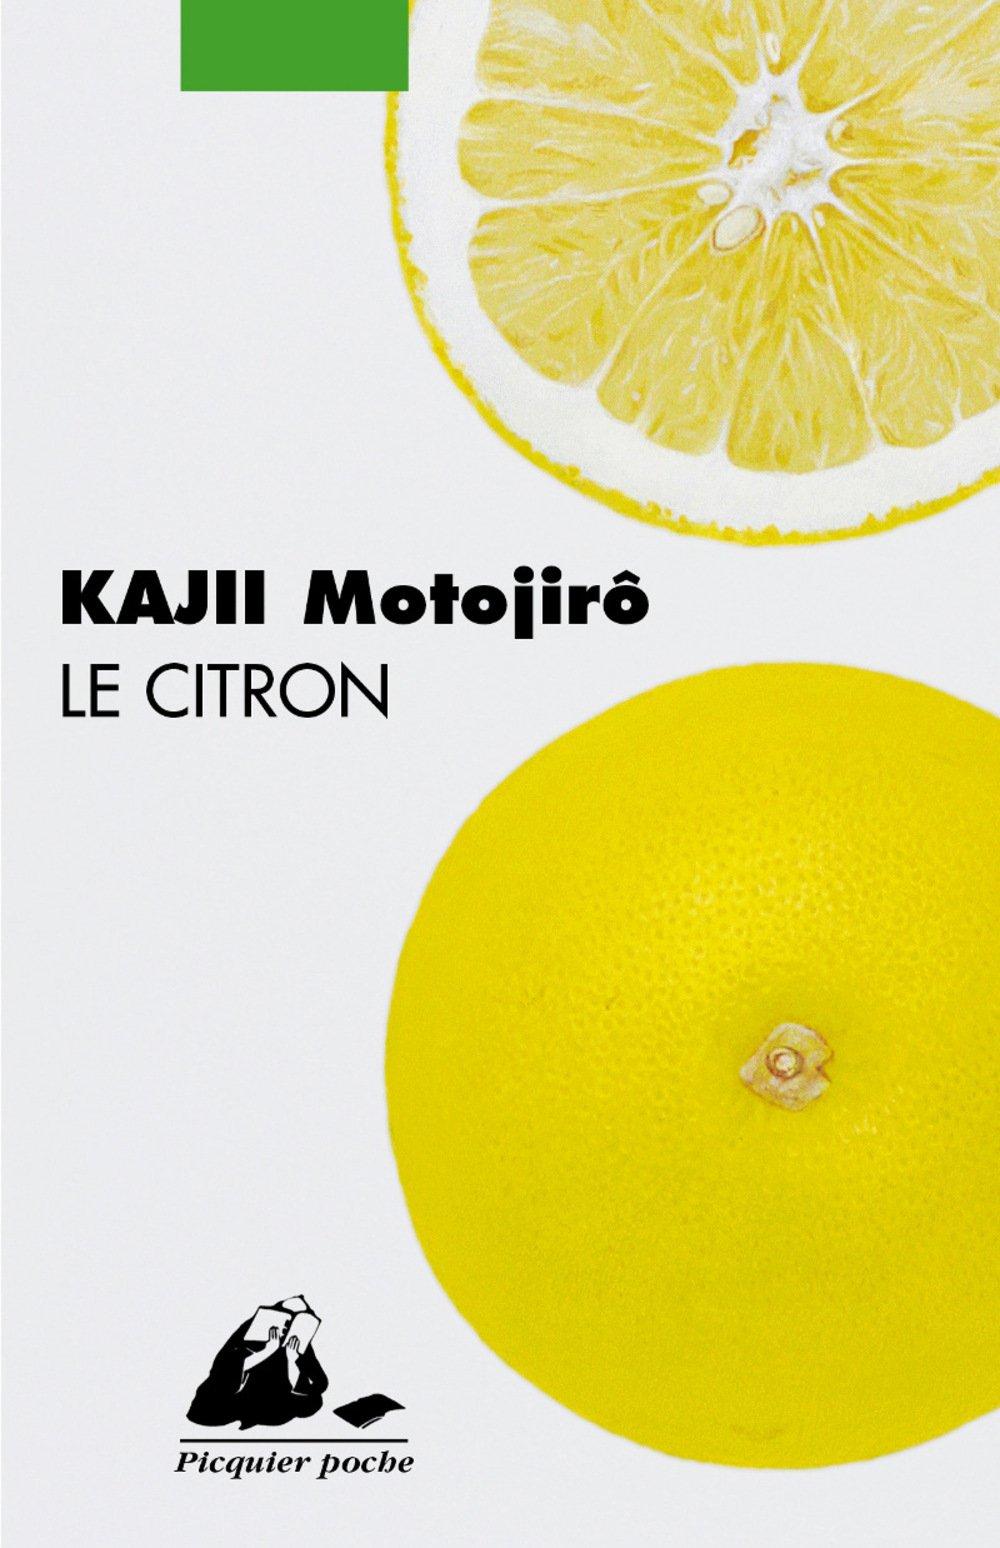 Le Citron - Motojiro Kajii